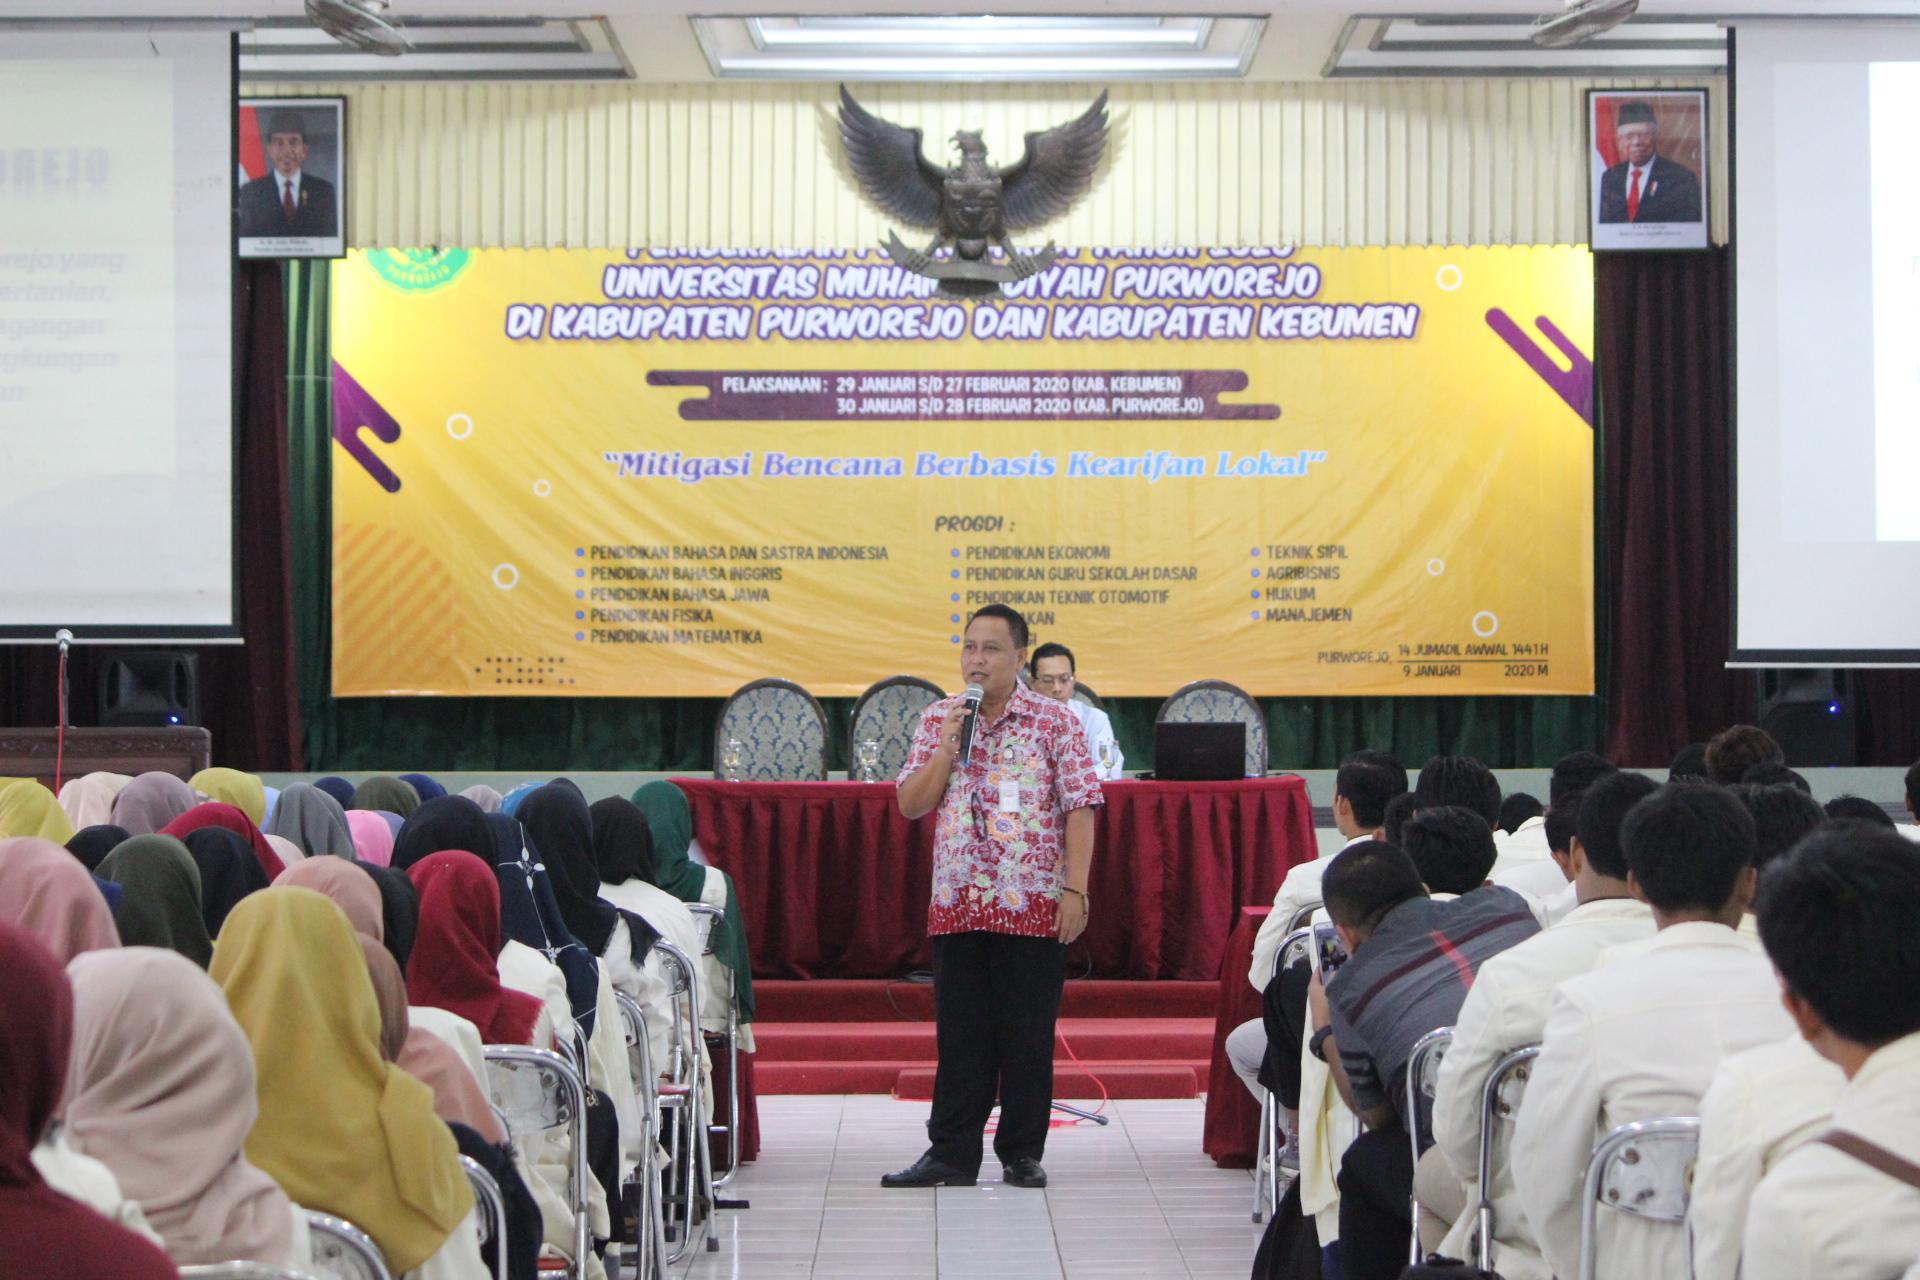 KKN UM Purworejo Prioritaskan Daerah Rawan Bencana